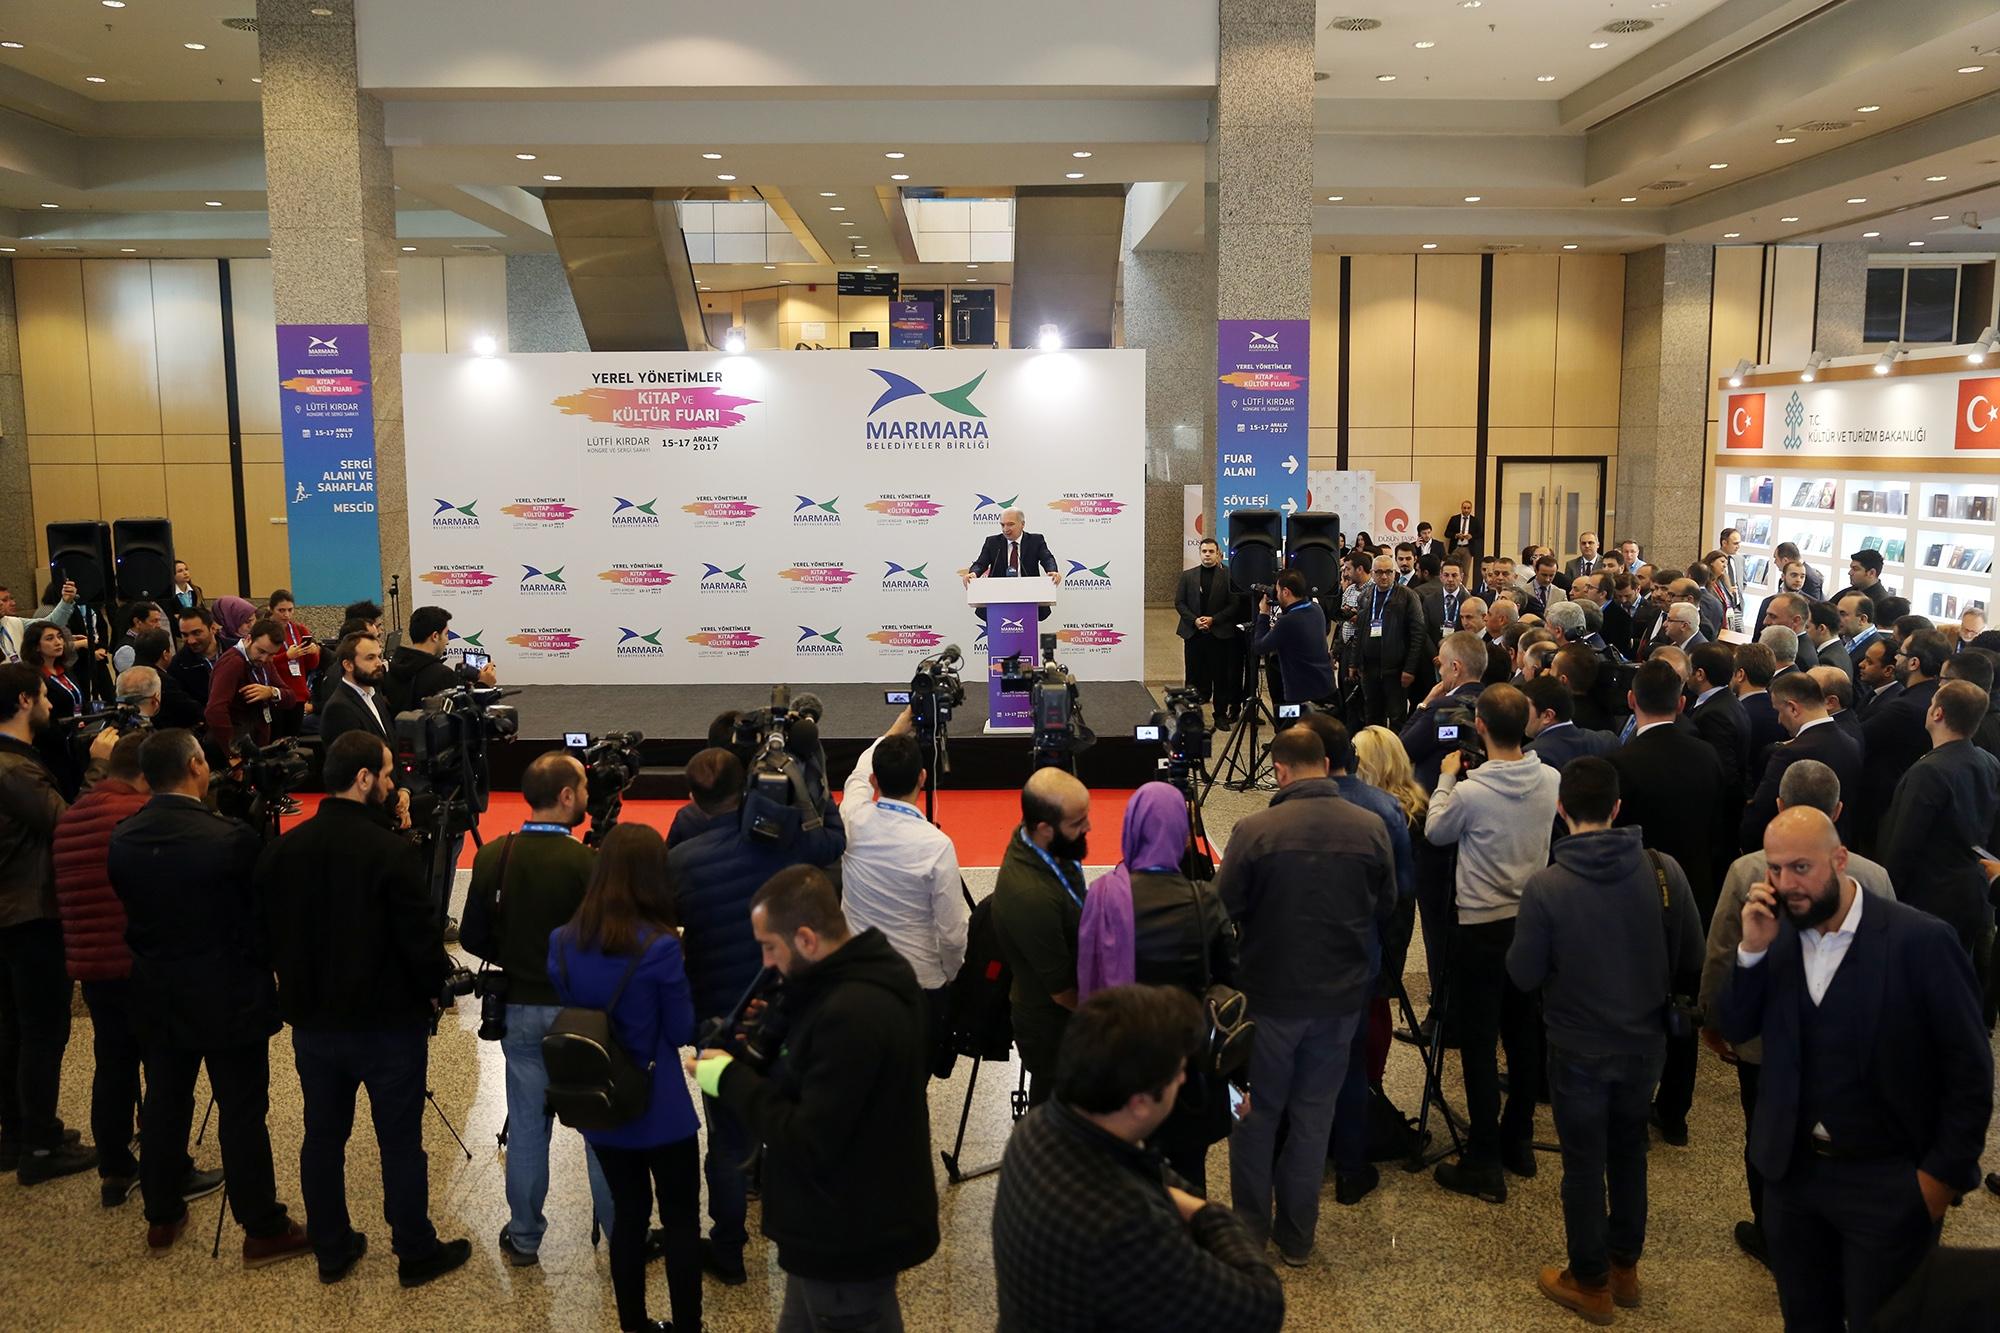 Yerel Yönetimler Kitap ve Kültür Fuarı'nın açılışı yapıldı